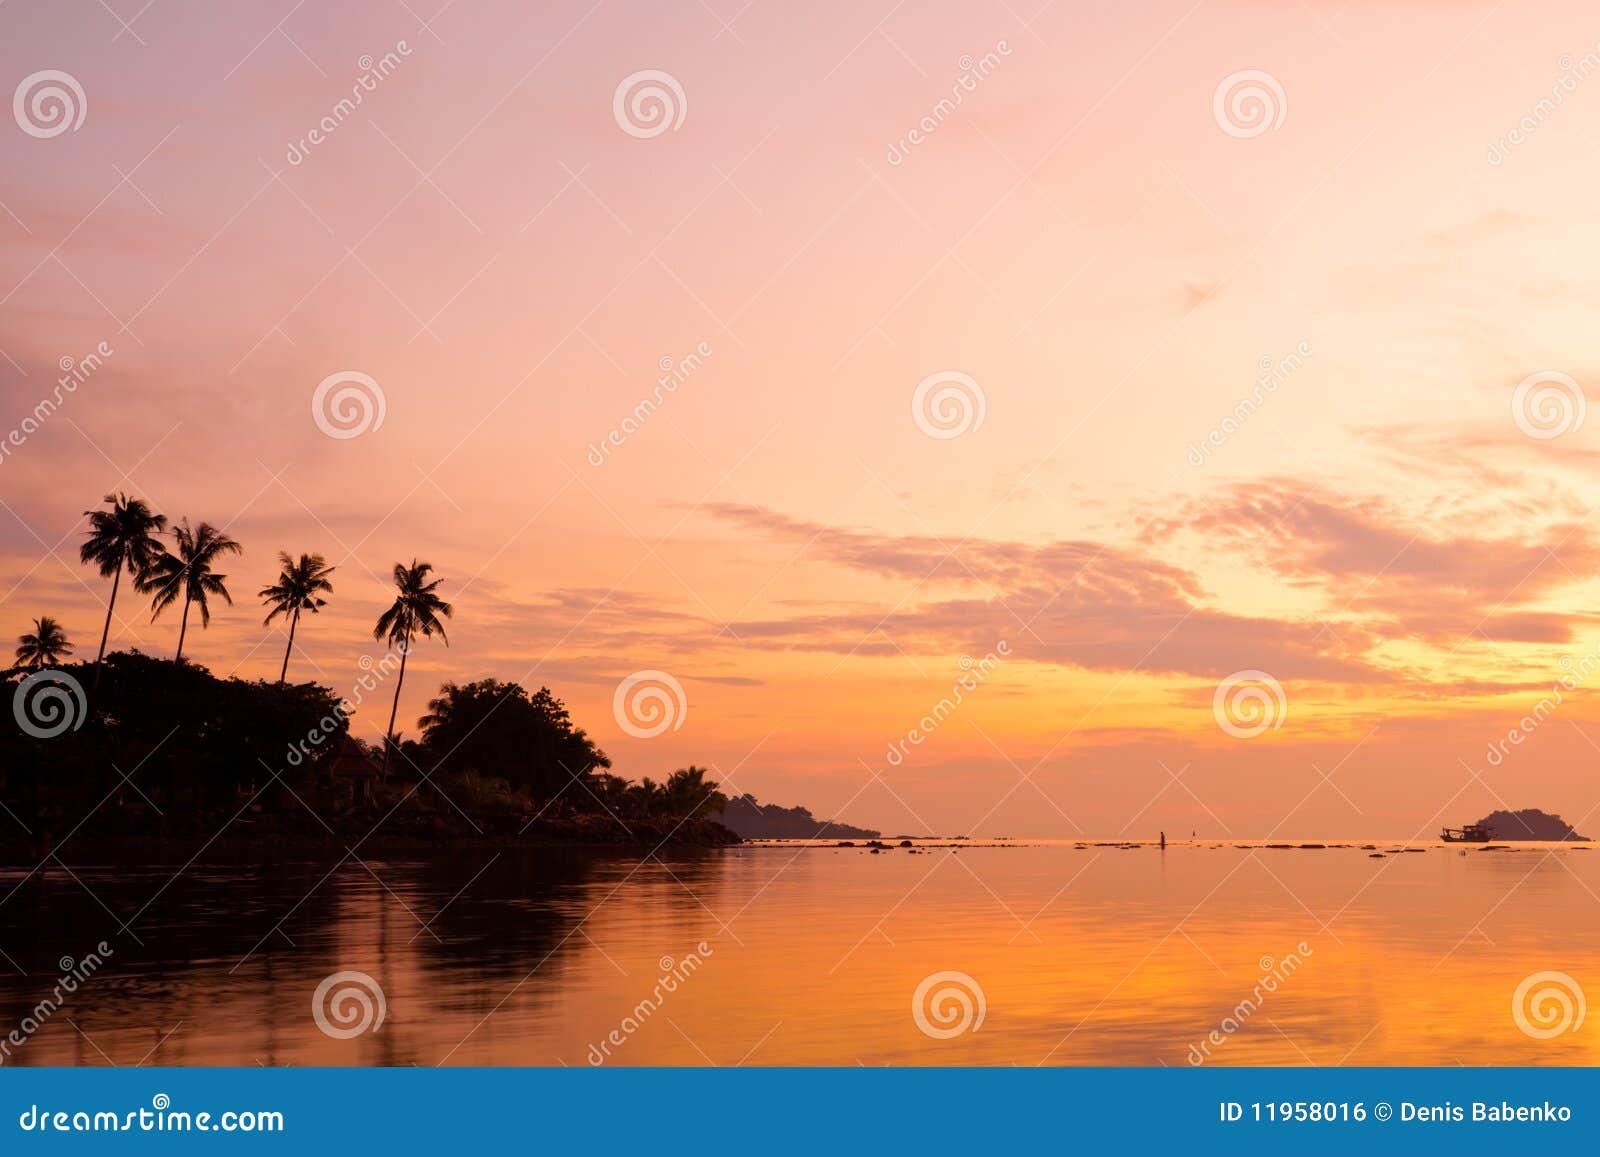 Palmas de coco na praia da areia no trópico no por do sol